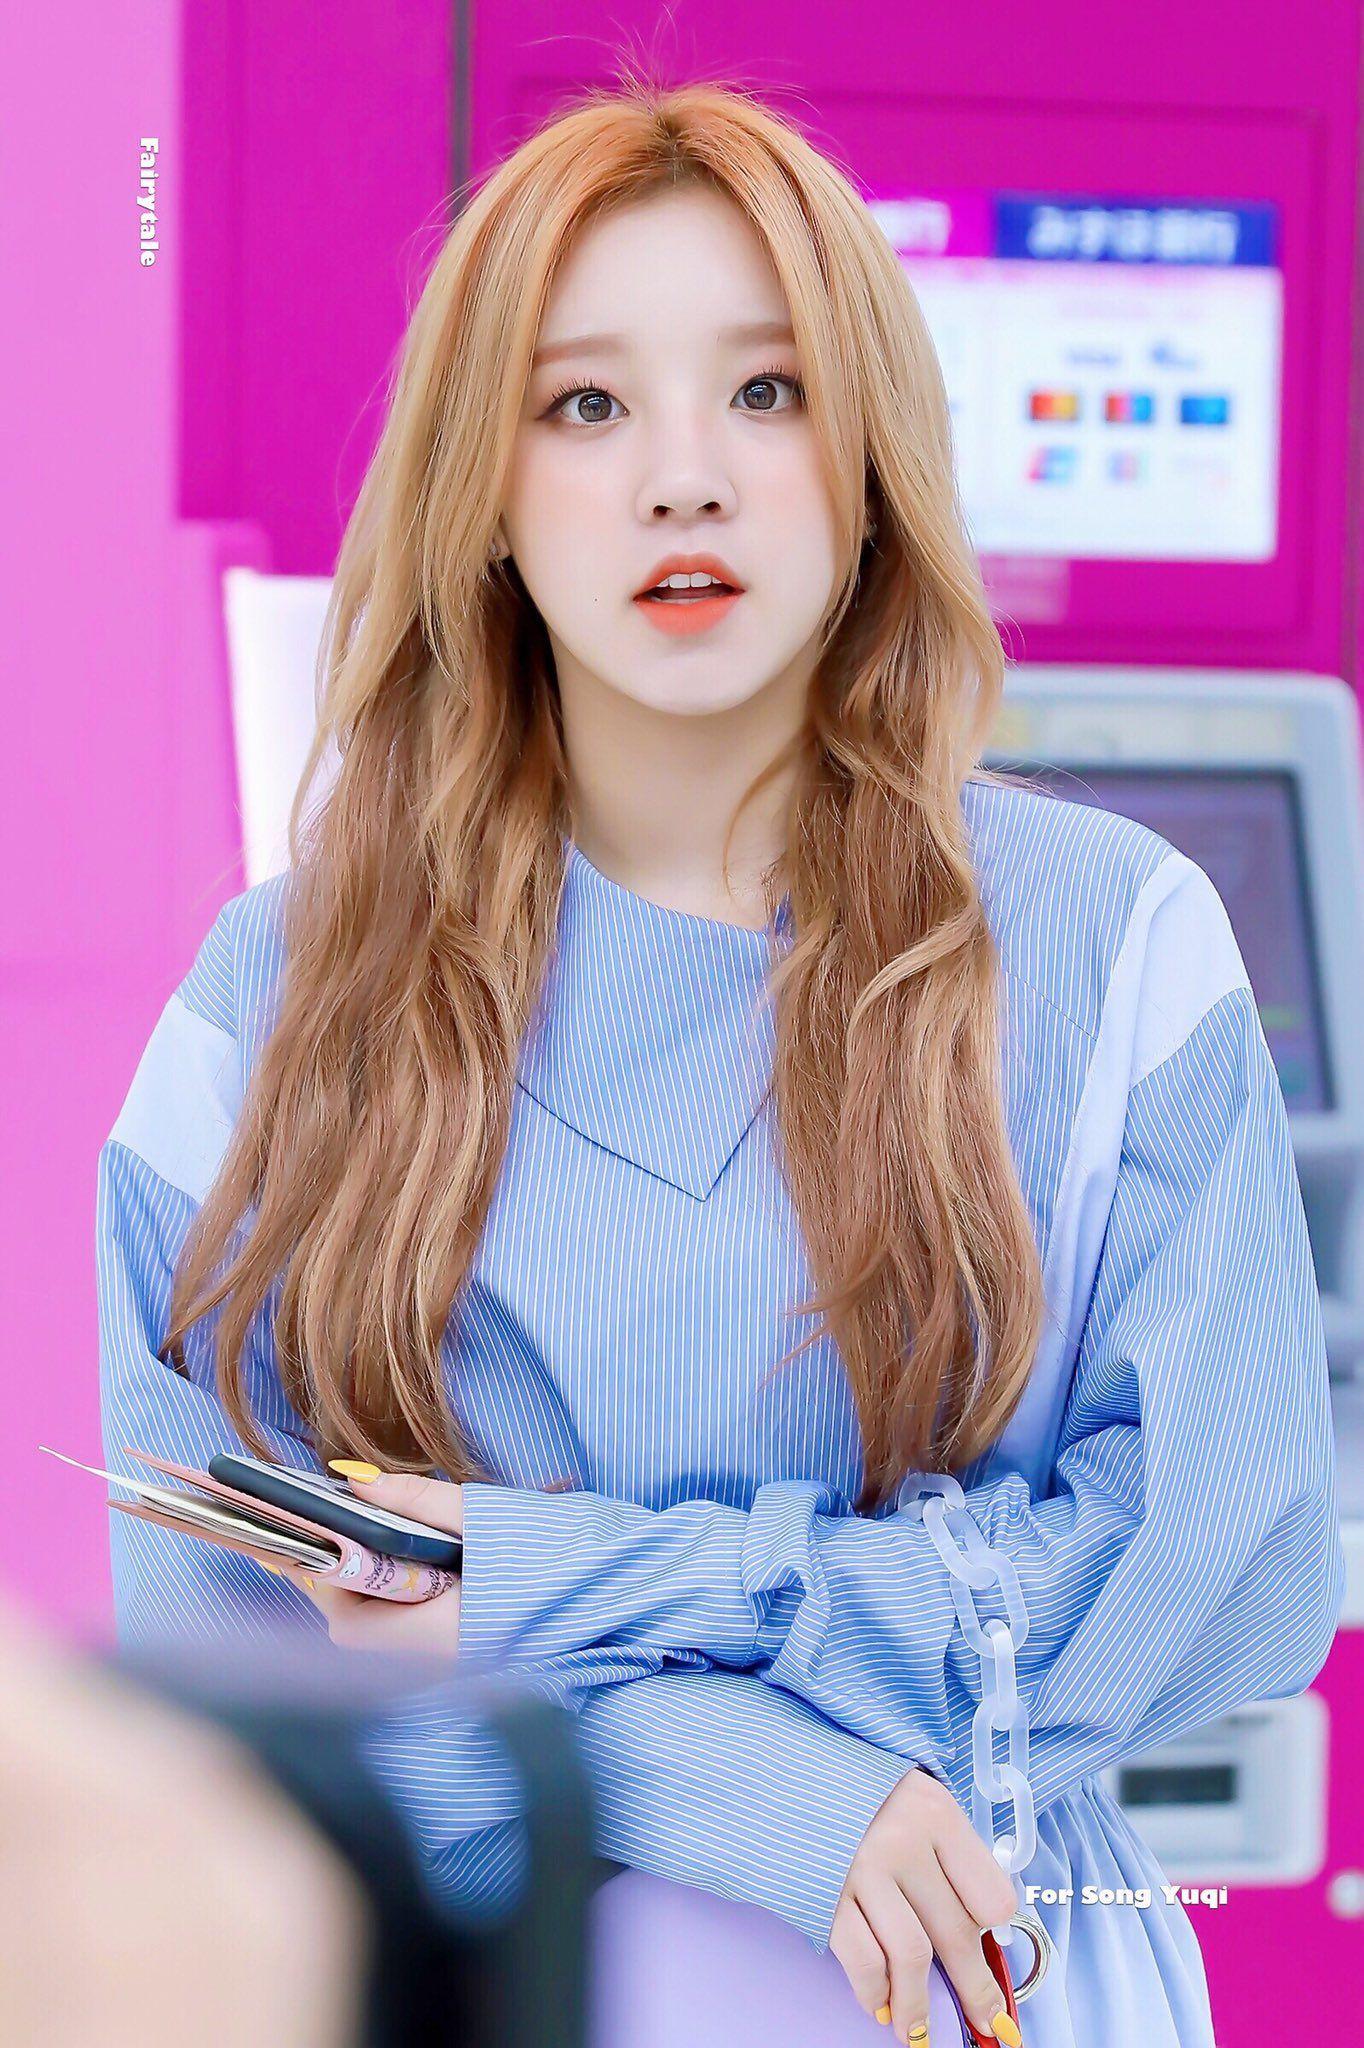 Fairytale On Twitter Kpop Girls Kpop Girl Groups Korean Girl Groups